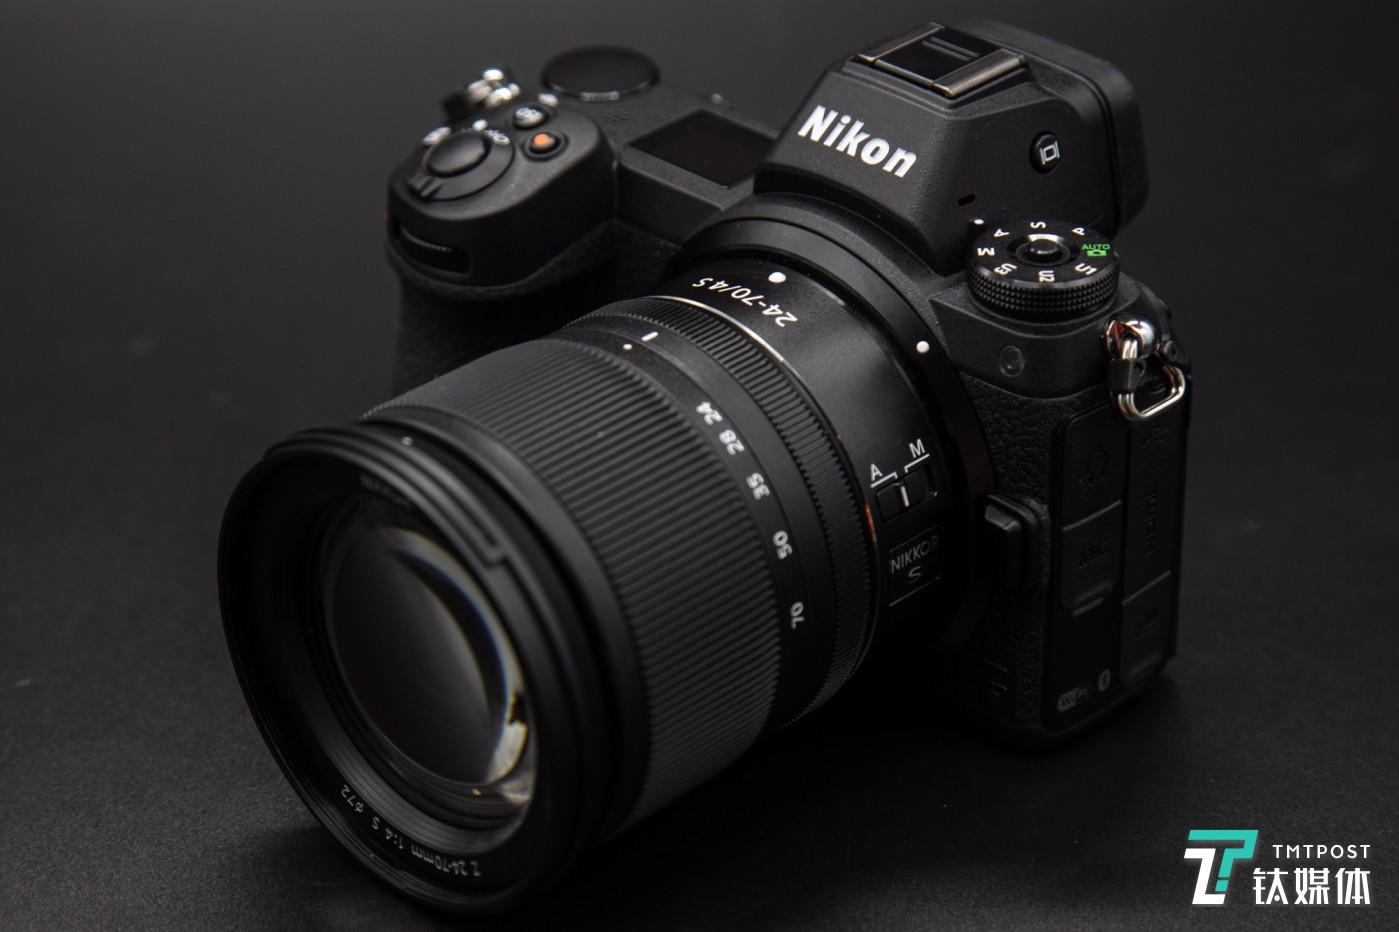 尼康Z7 + Z 24-70mm镜头